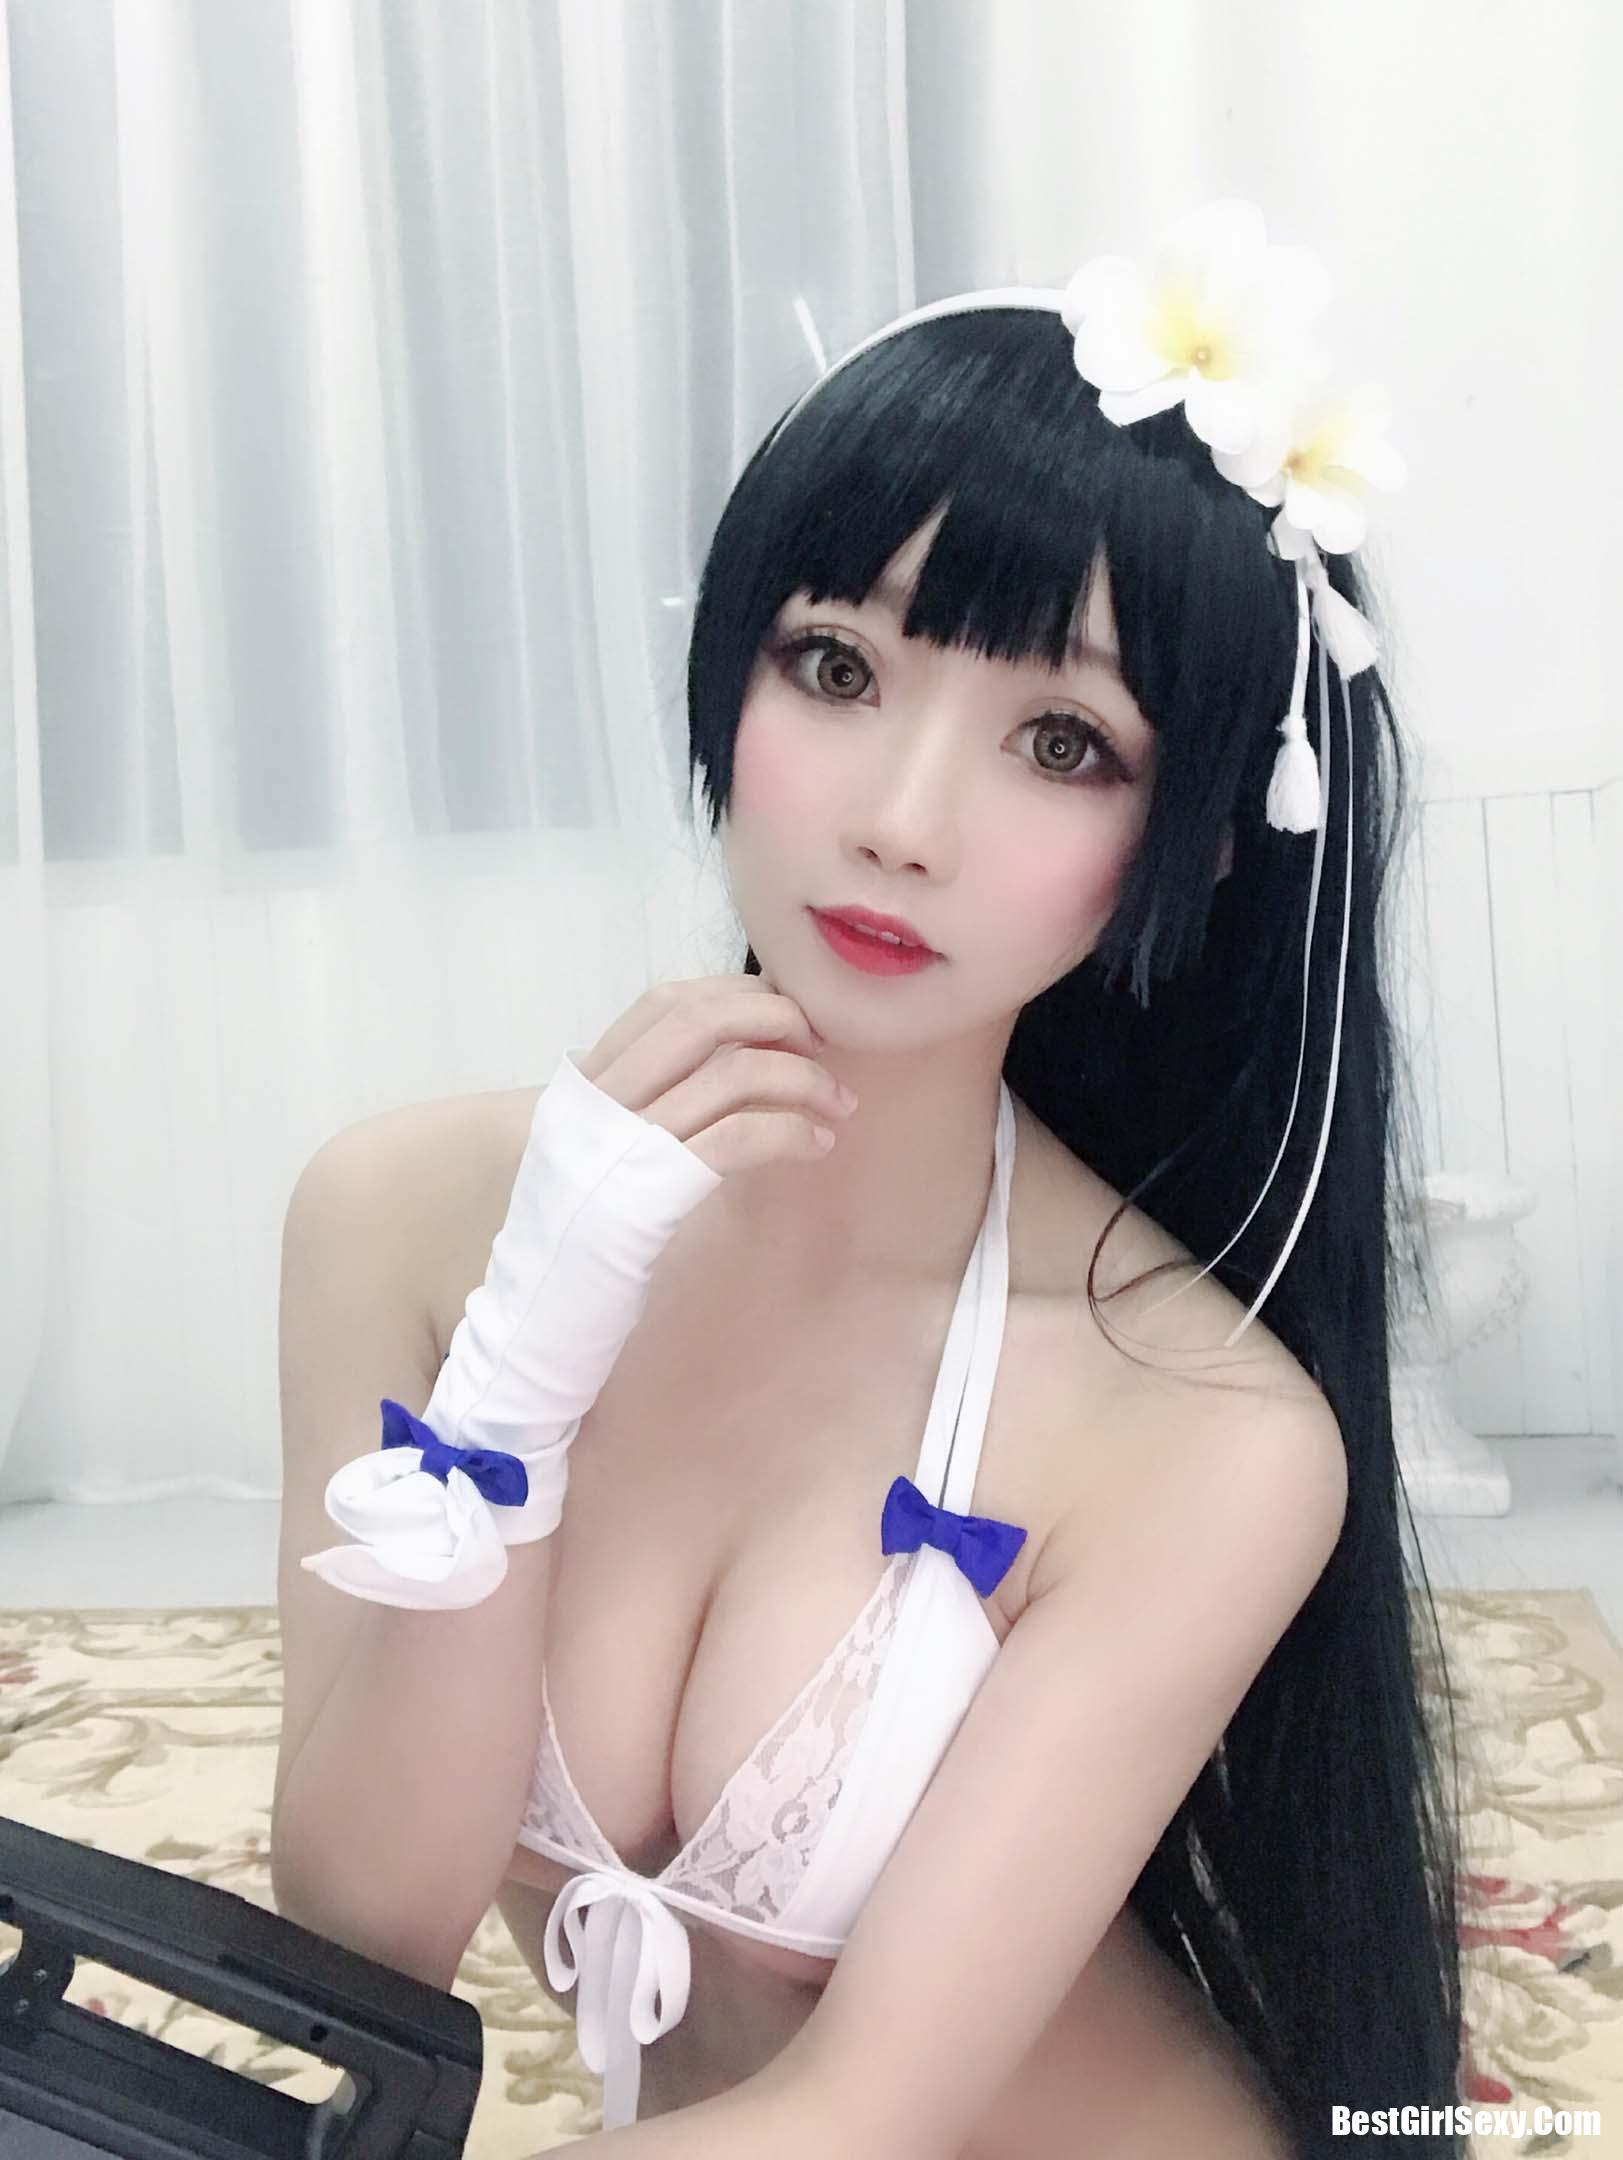 [鬼畜瑶] NO.010 Girls Frontline